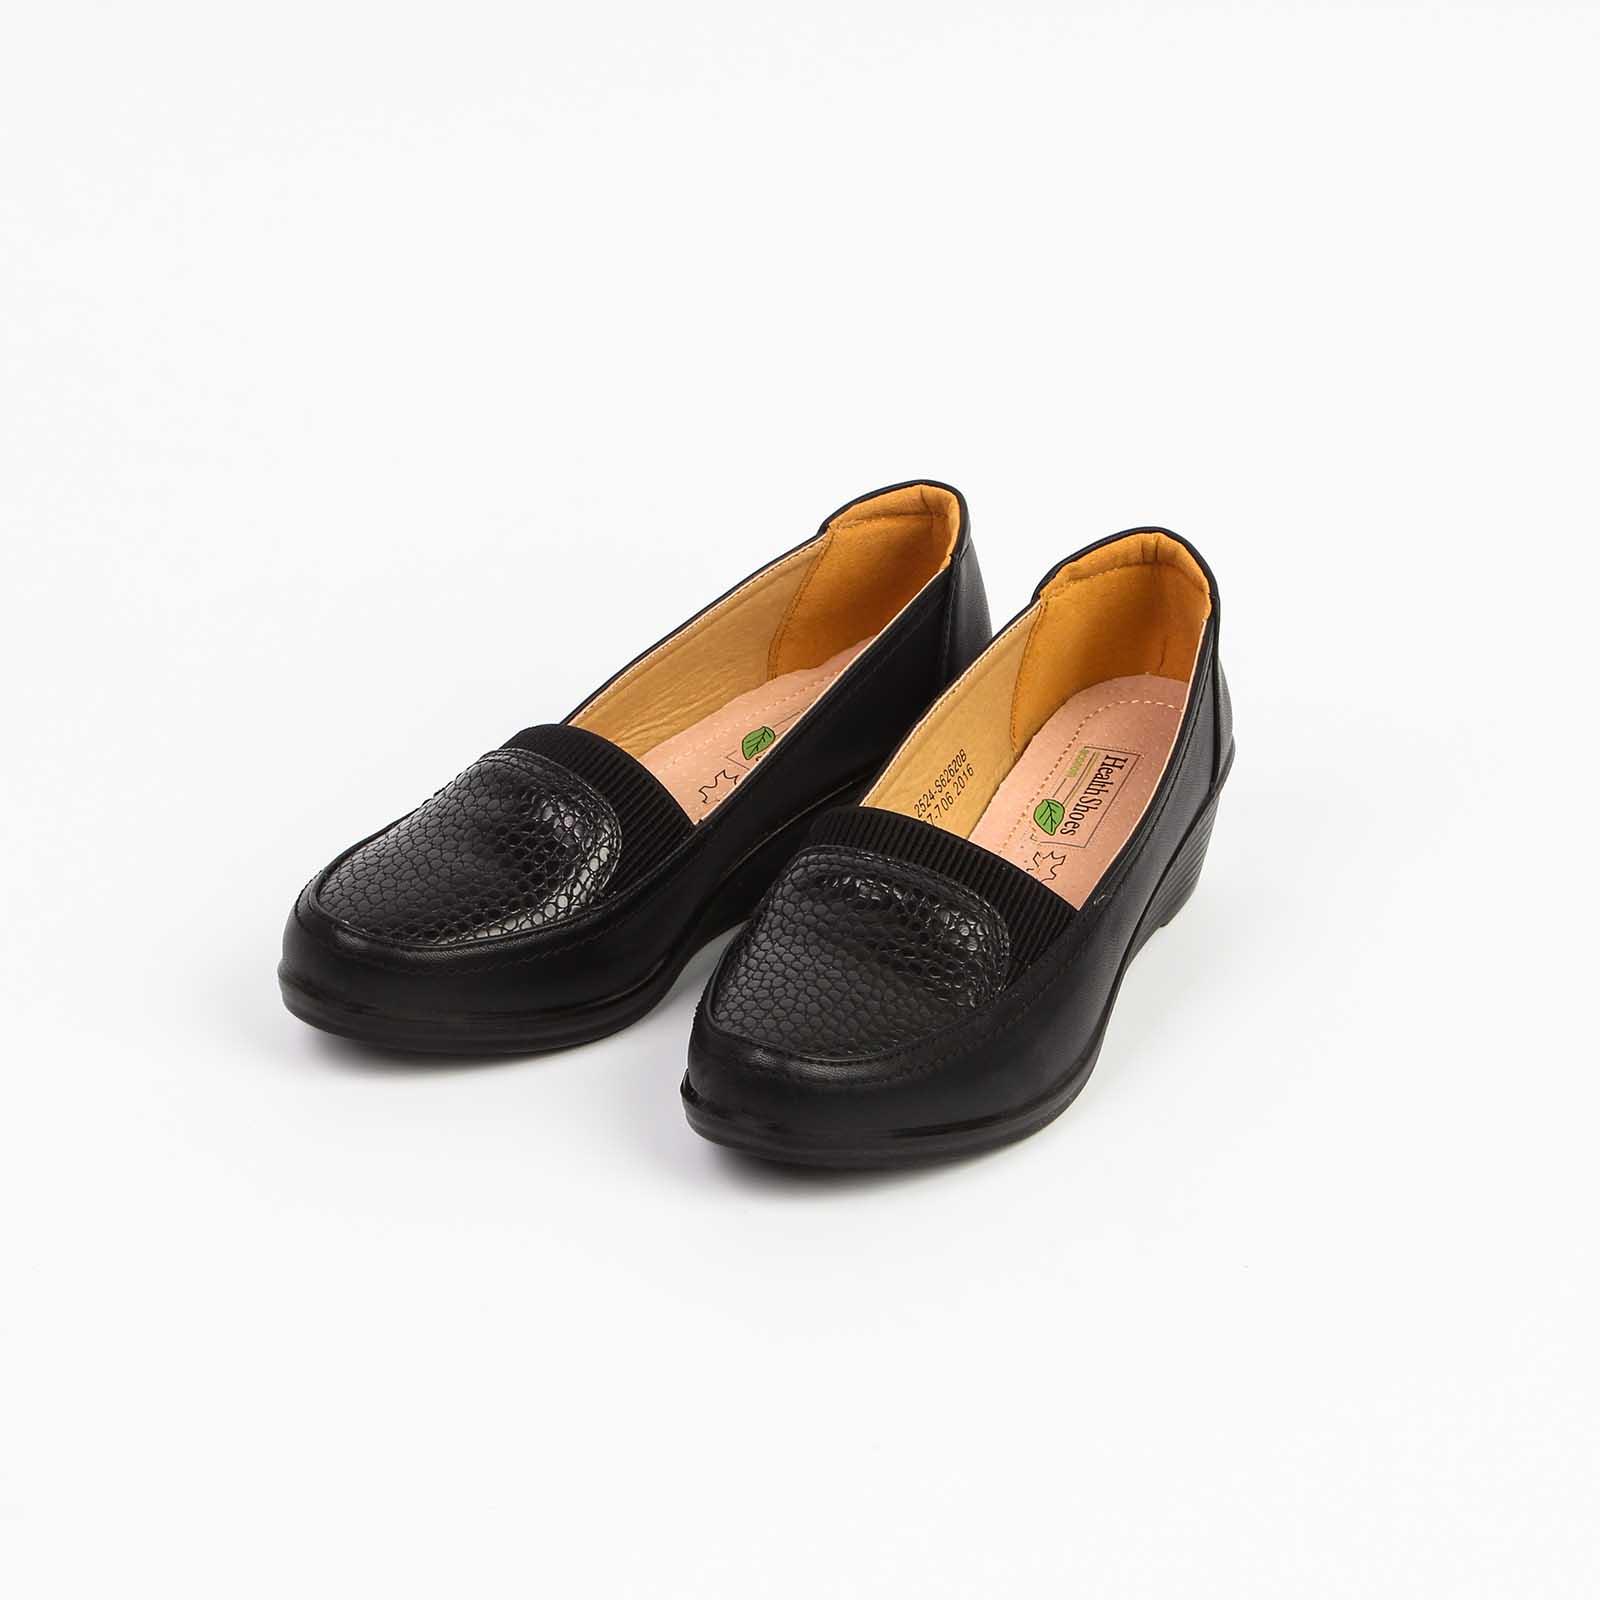 Туфли женские с эластичными вставками на танкетке